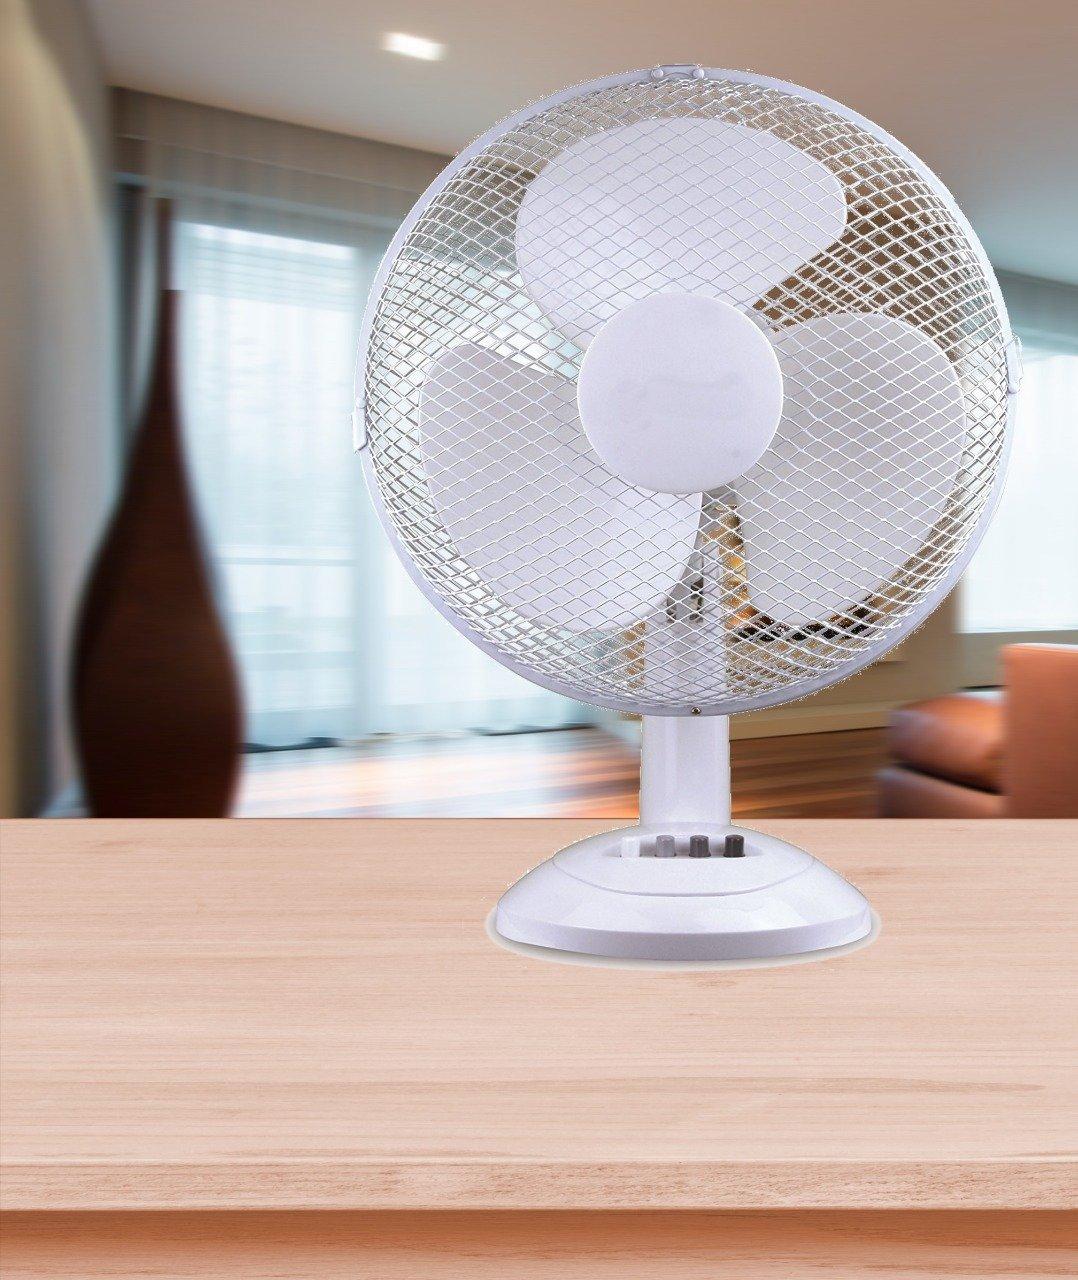 FRX Moderner Ventilator Standventilator Tischventilator Windmaschine Standlü fter (Schwarz)